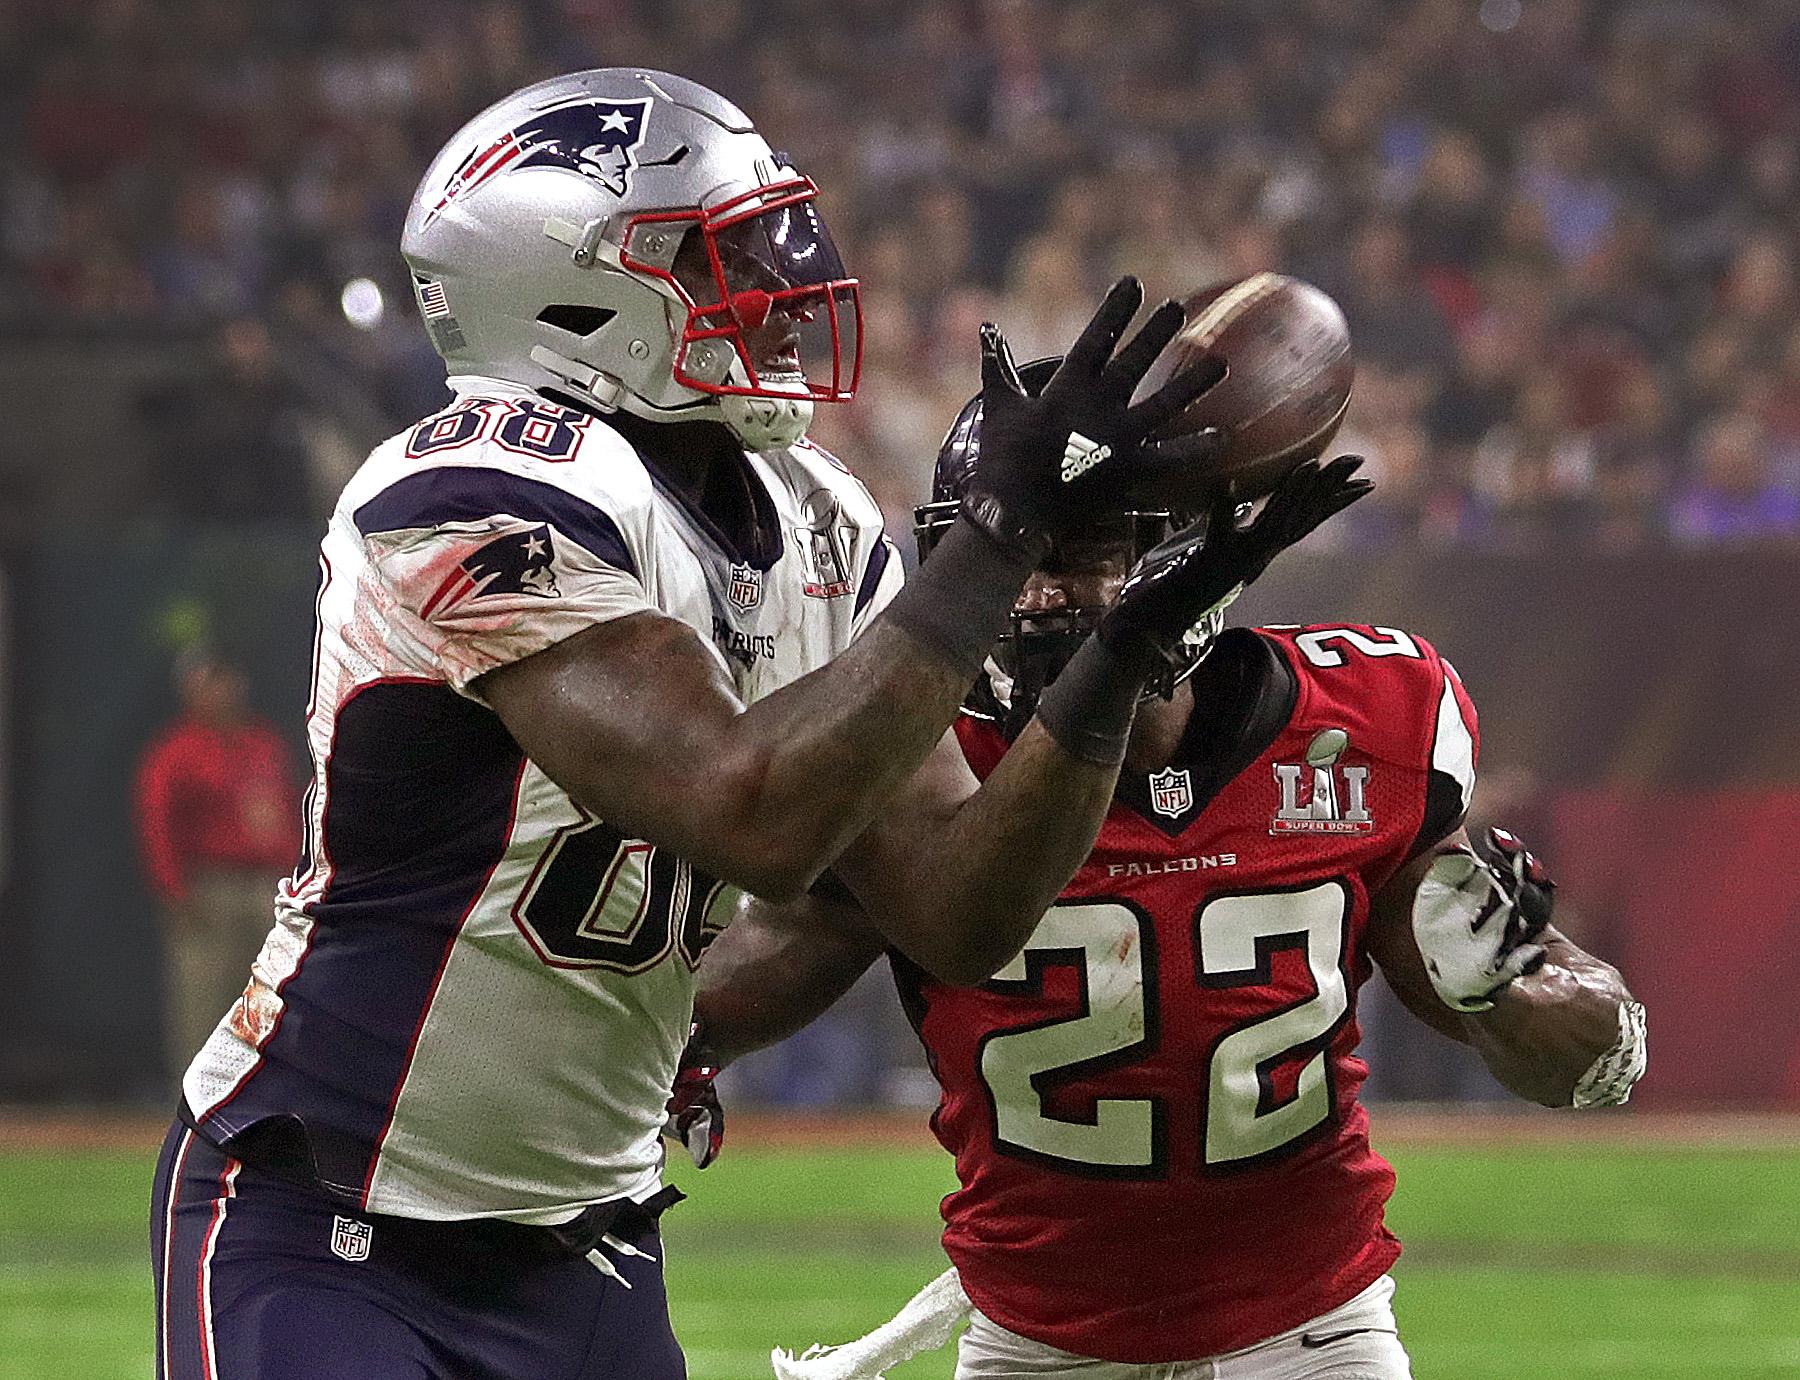 Super Bowl LI: New England Patriots Vs. Atlanta Falcons At NRG Stadium